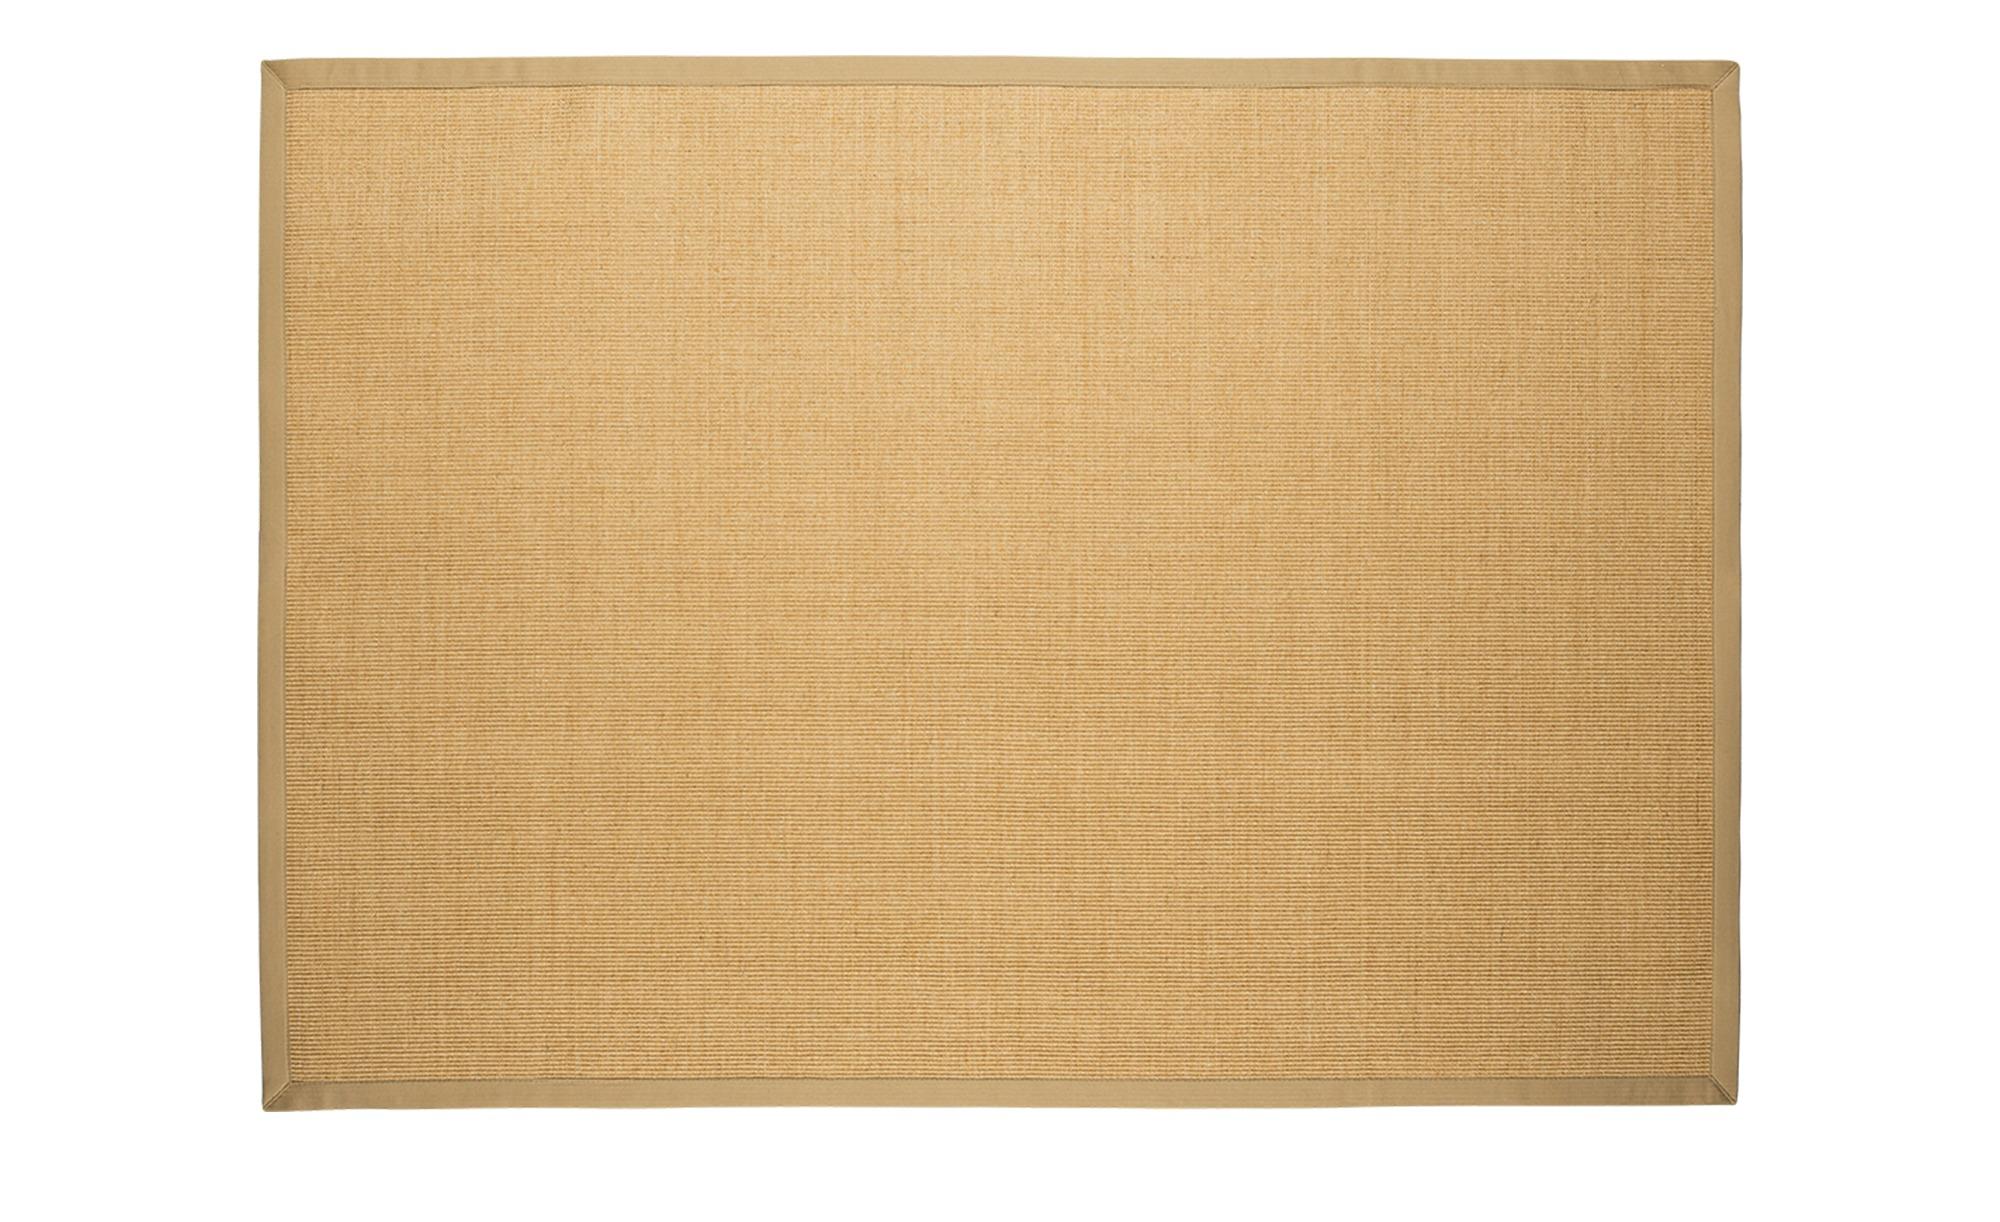 Sisal-Teppich  Manaus ¦ beige ¦ 100 % Sisal, Sisal ¦ Maße (cm): B: 80 Teppiche > Wohnteppiche - Höffner